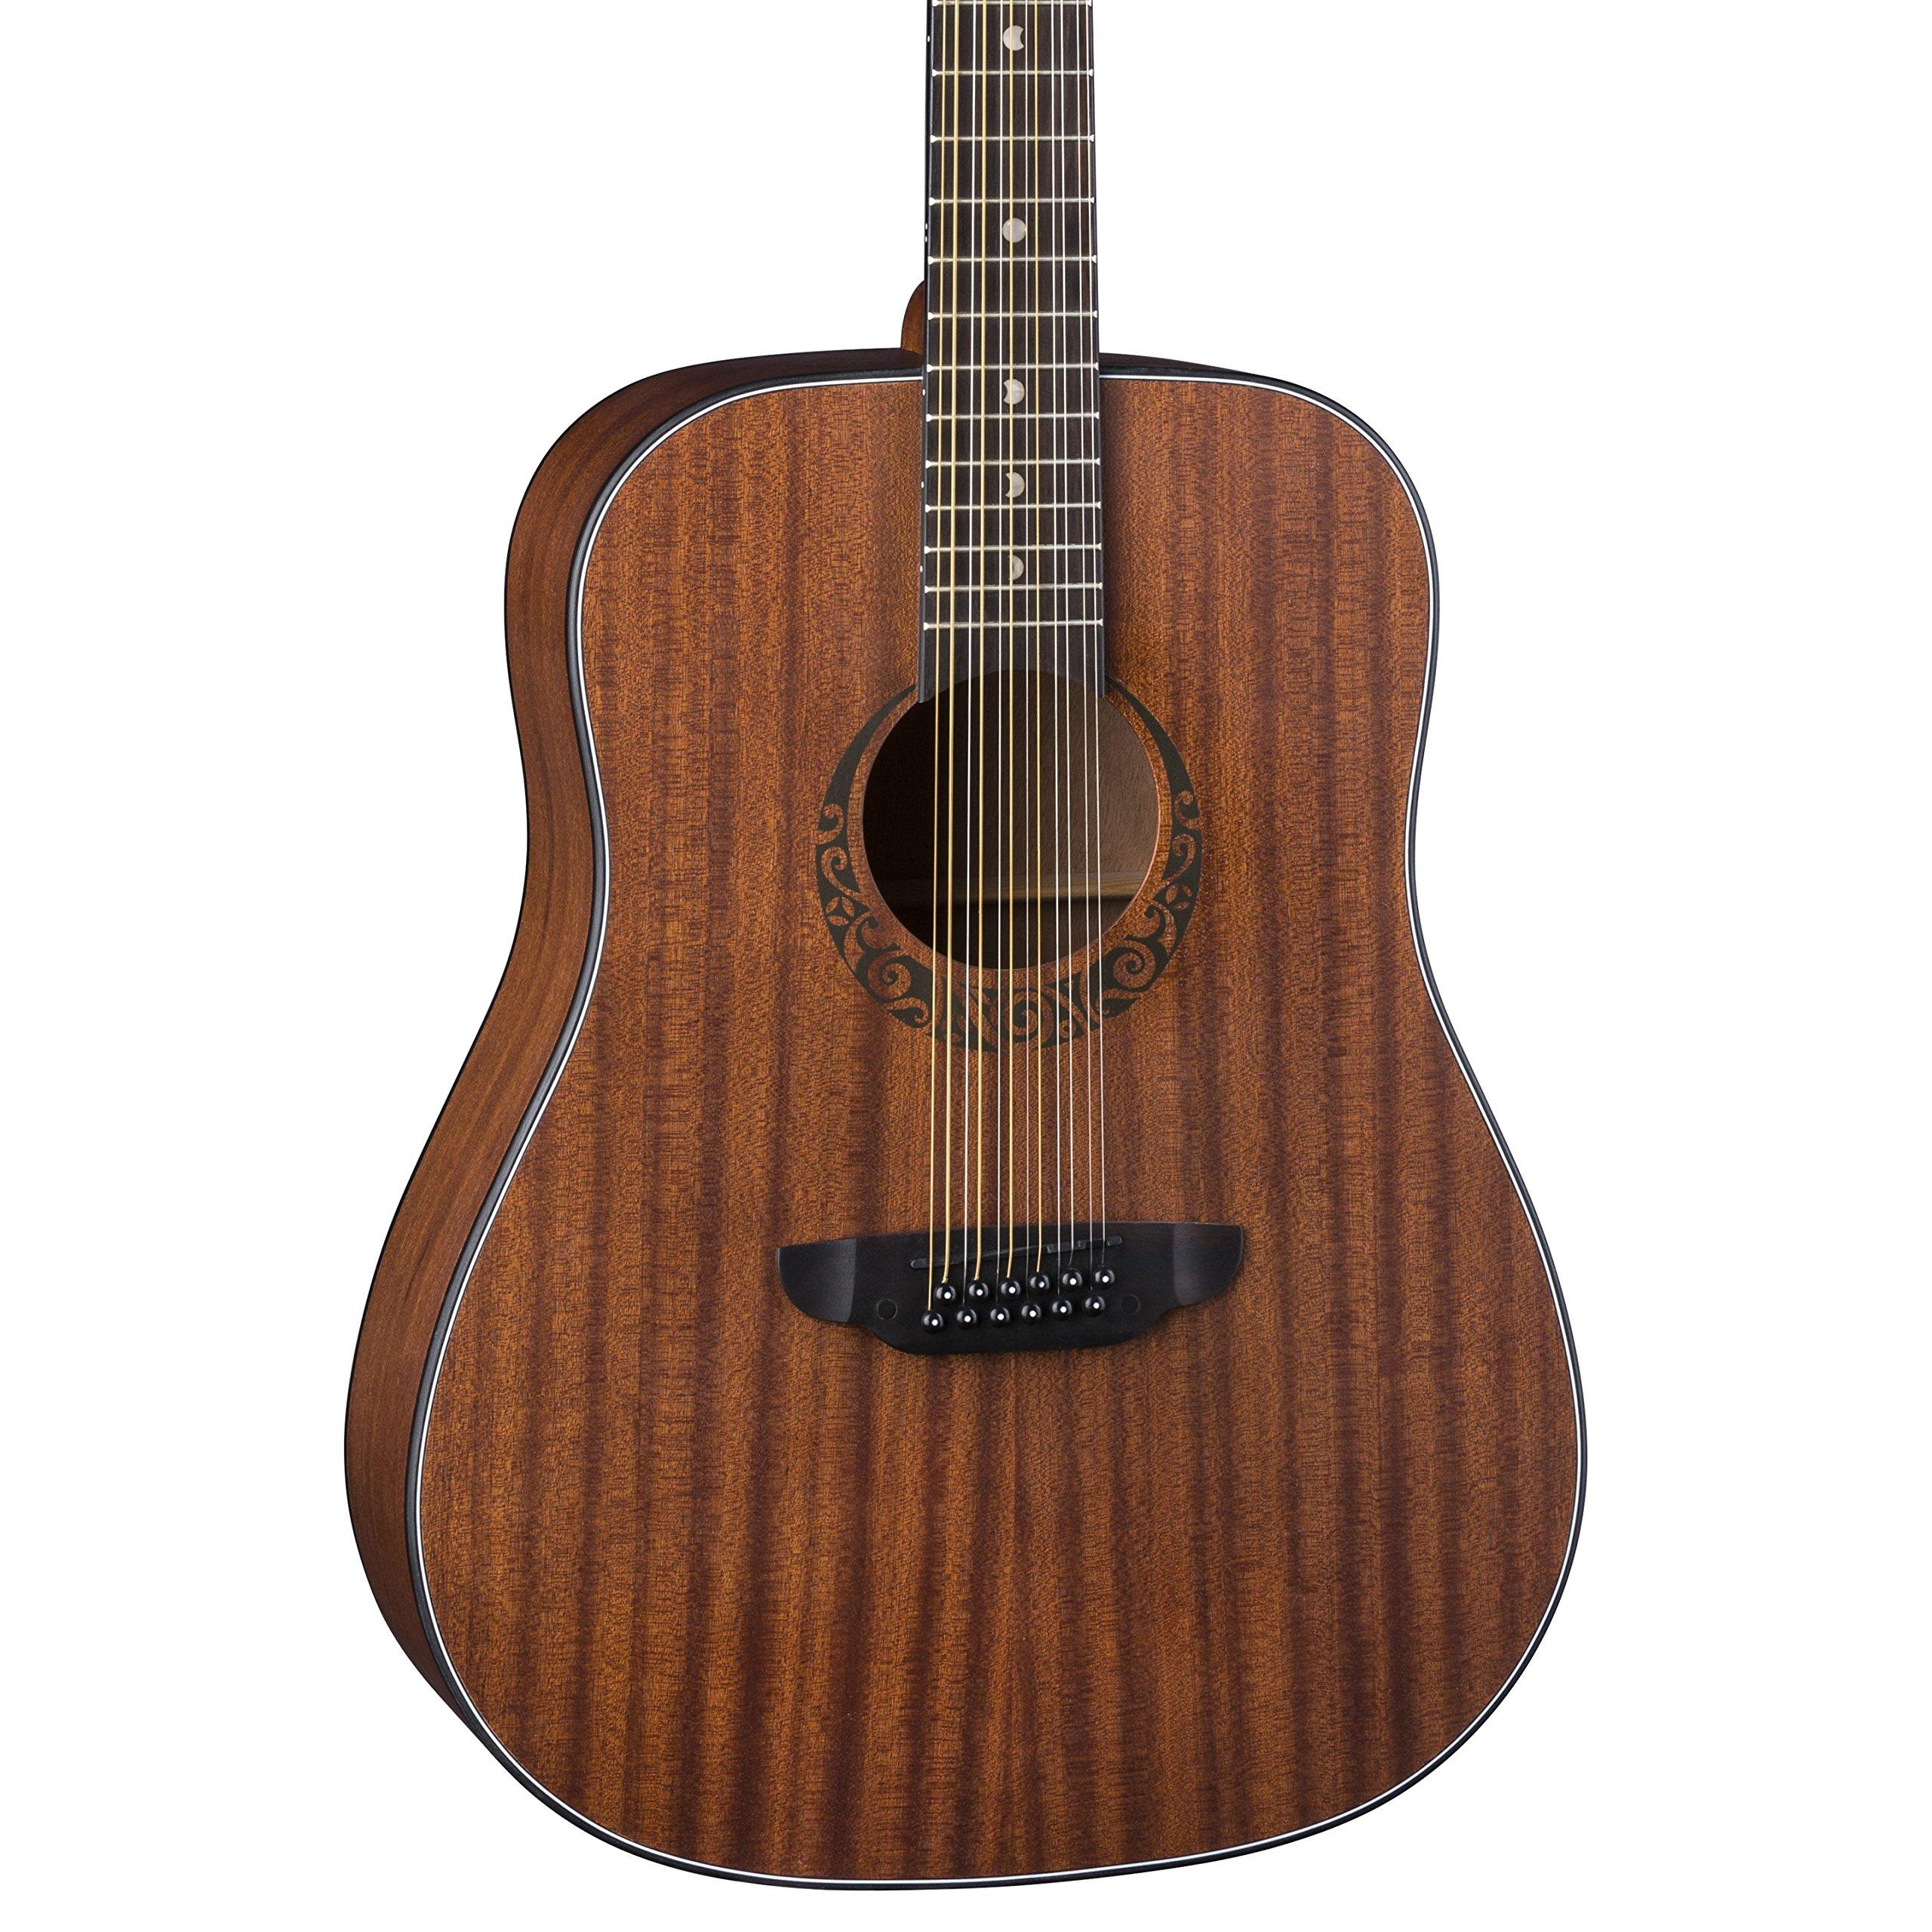 Luna Gypsy Dreadnought 12-String Mahogany Acoustic Guitar, Satin Natural by Luna Guitars